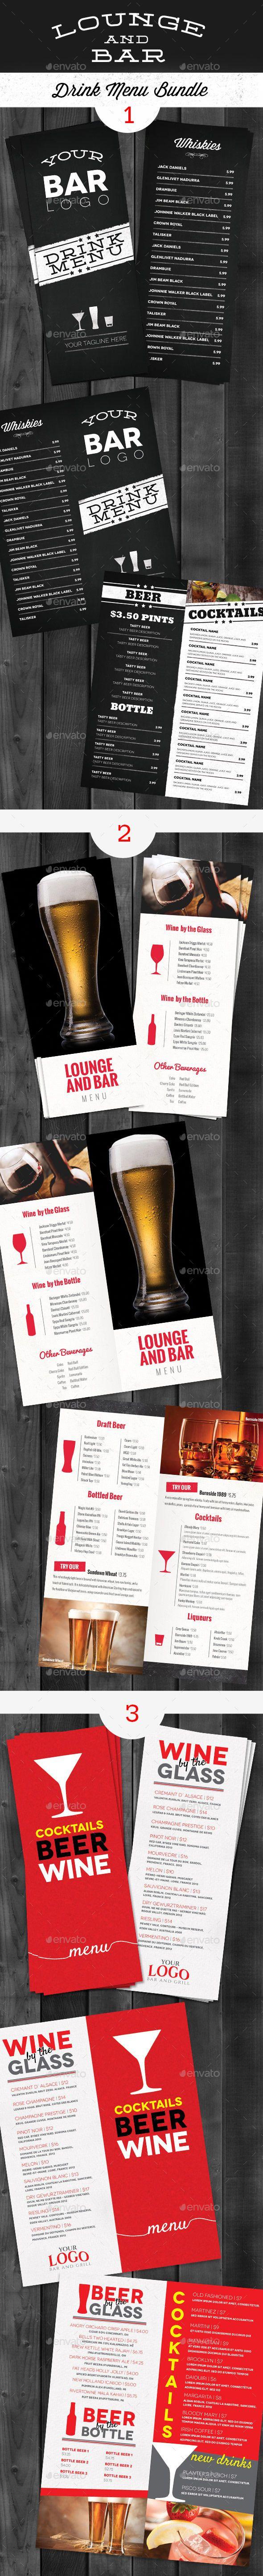 Lounge Bar Drink Menu Bundle Template #design Download: http://graphicriver.net/item/lounge-bar-drink-menu-bundle-/9742587?ref=ksioks